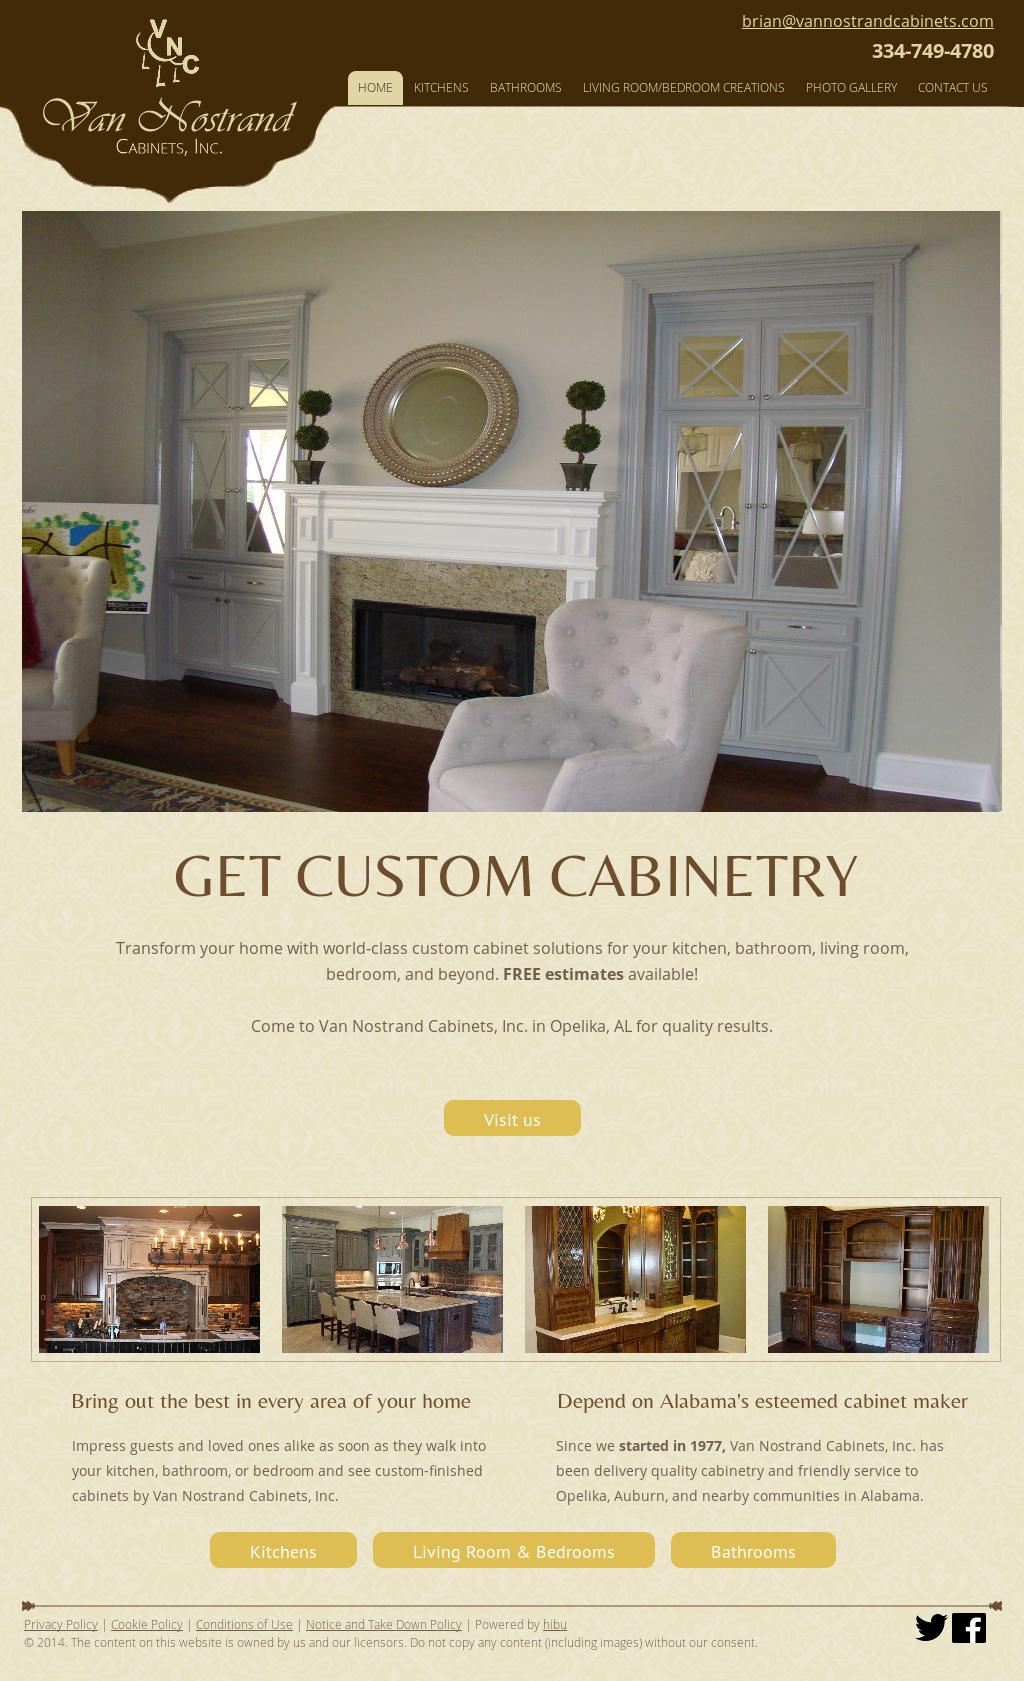 Van Nostrand Cabinets Website History